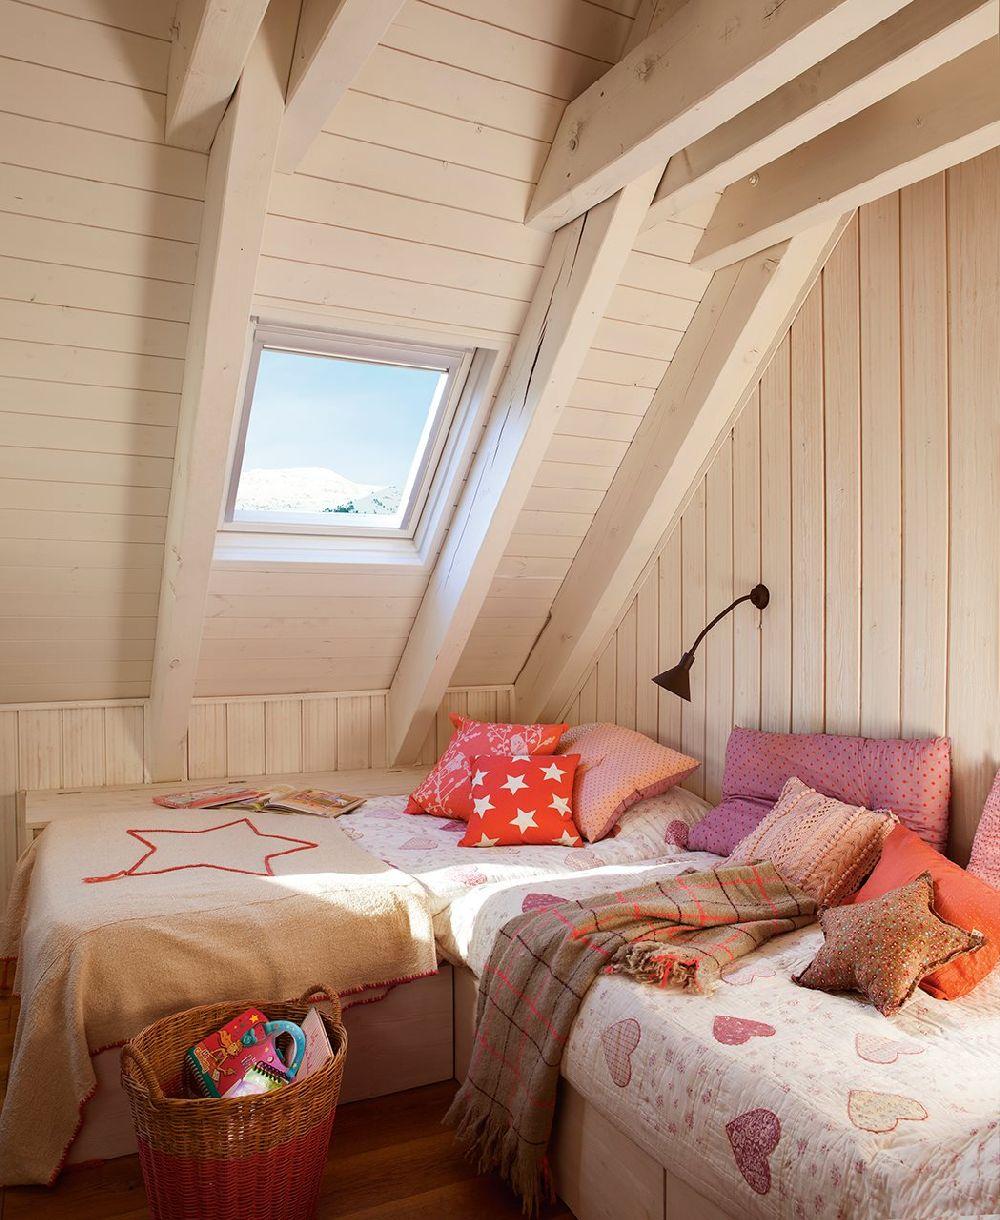 adelaparvu.com despre locuinta la mansarda, arhitect Cristina Carbonell, Foto ElMueble (10)